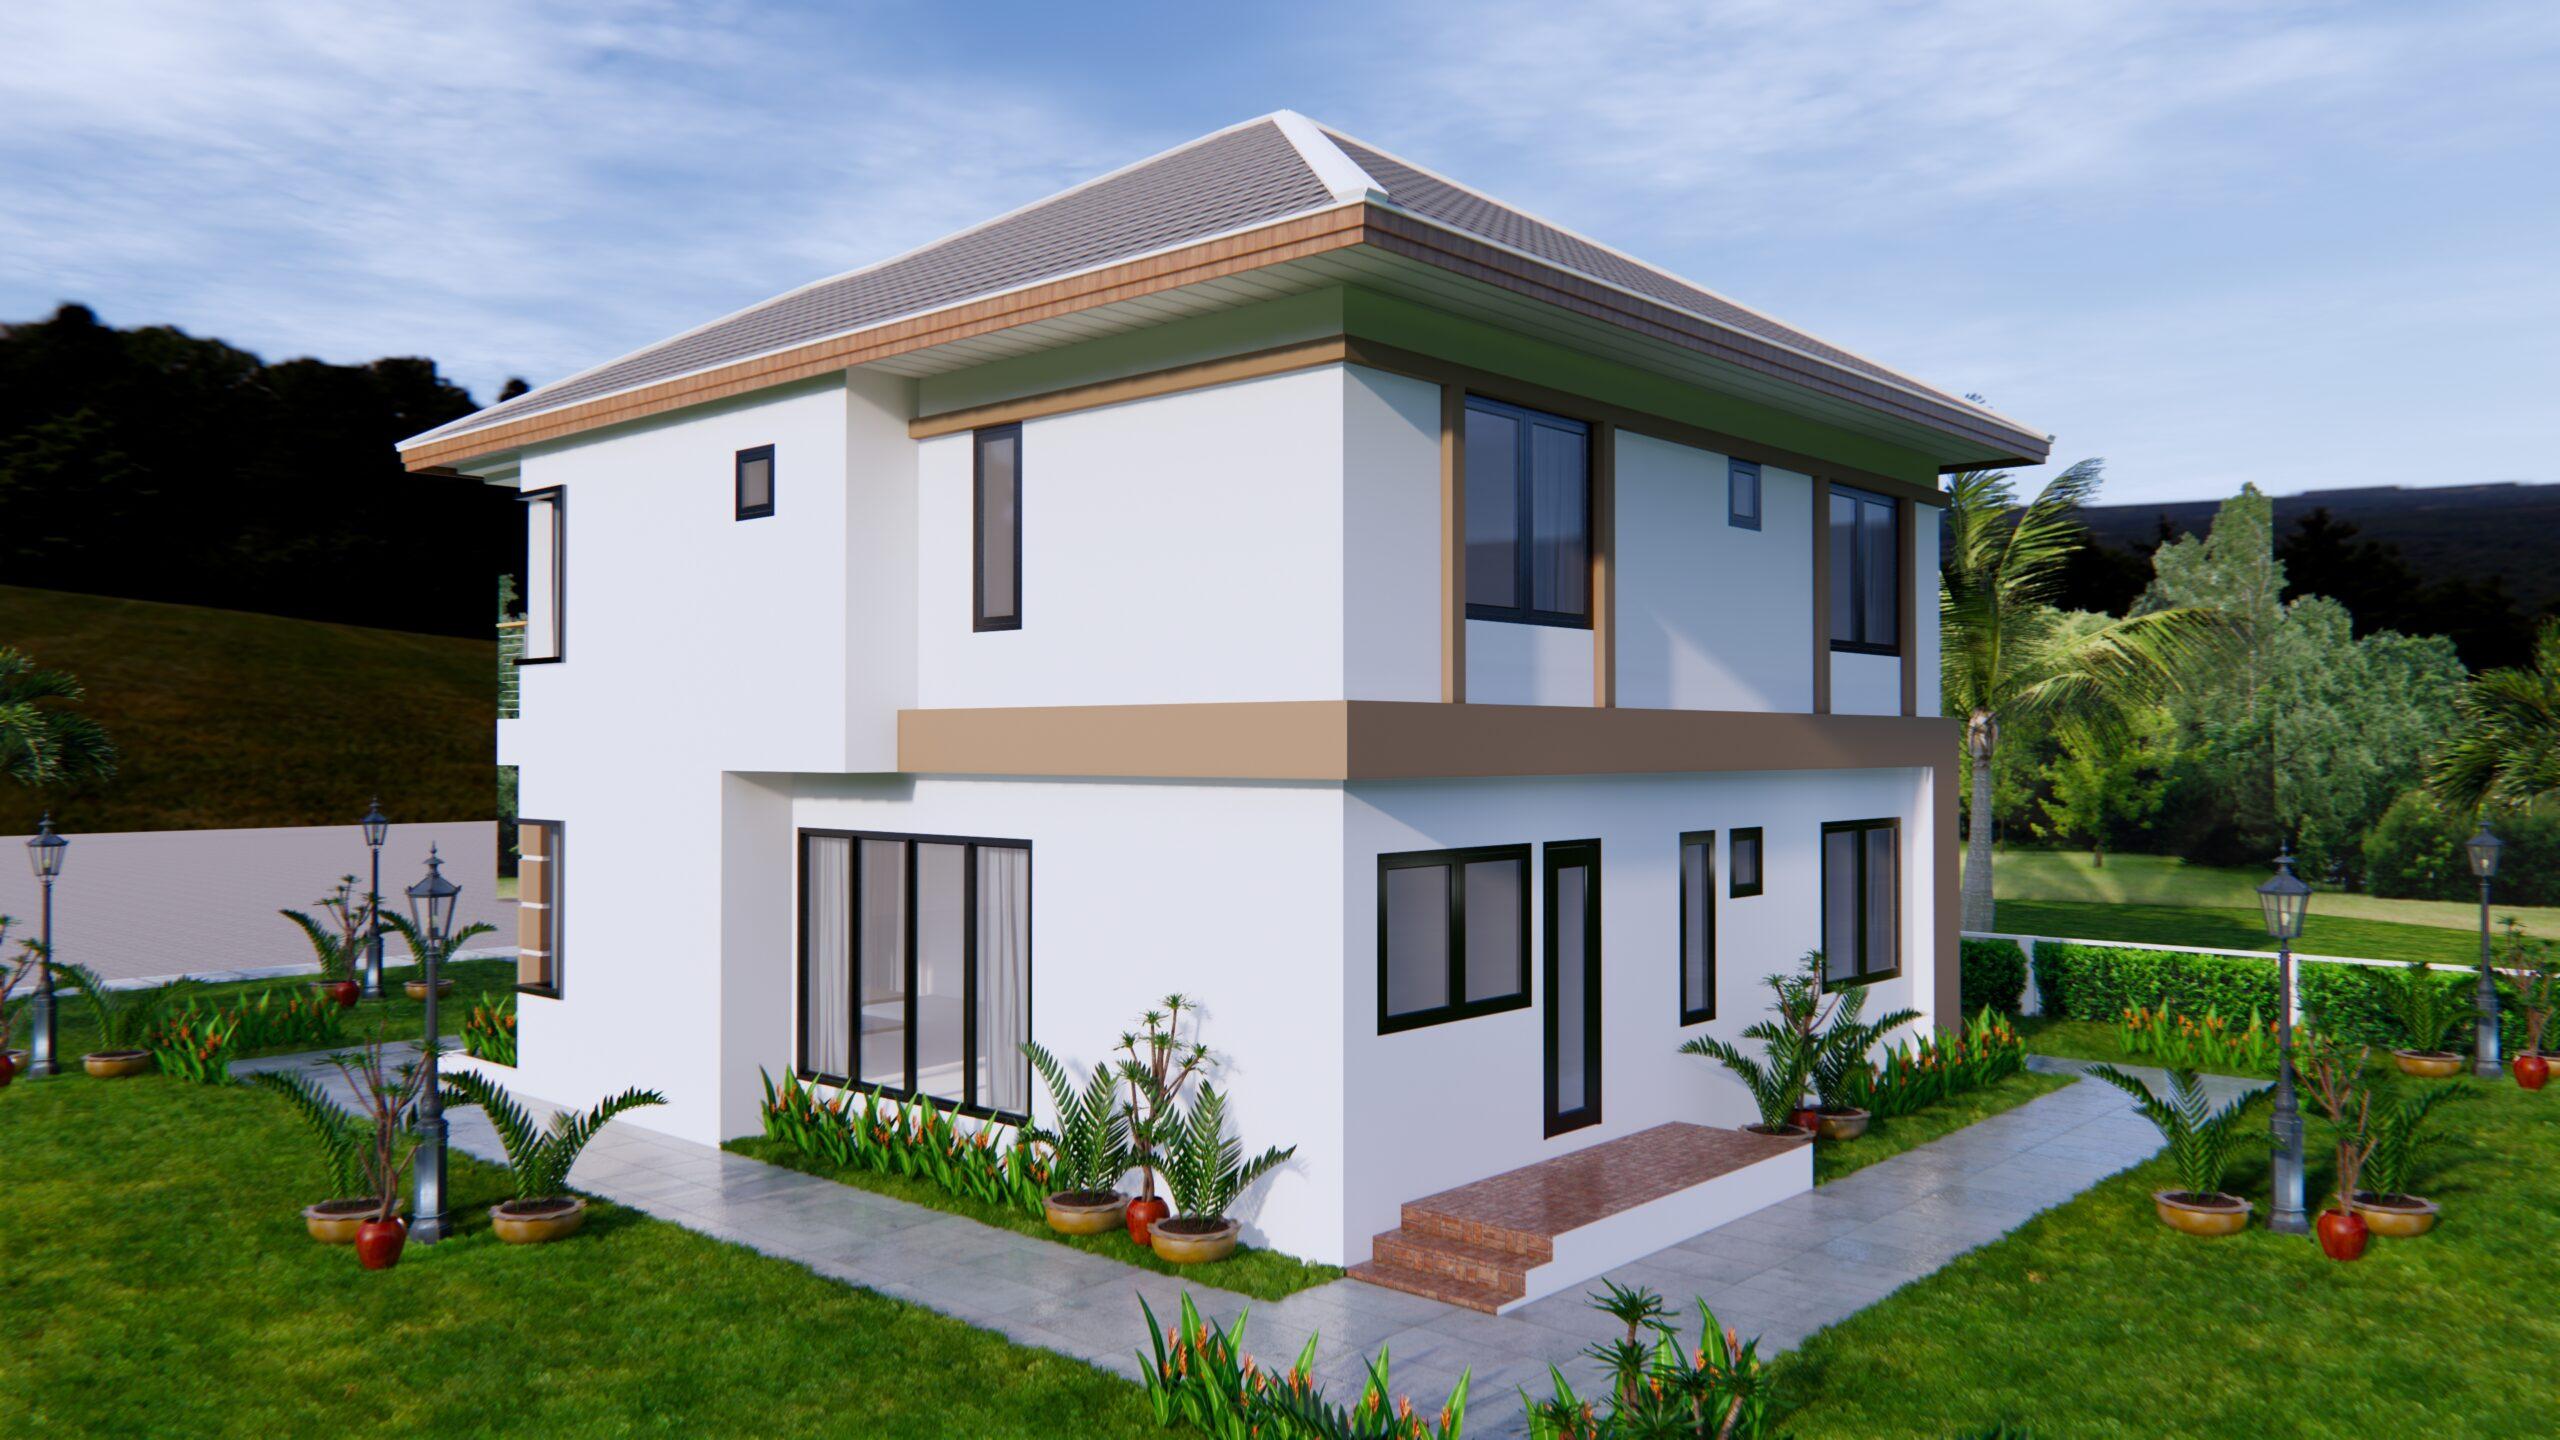 House Design 9x11 Meter 30x36 Feet 4 Beds 5